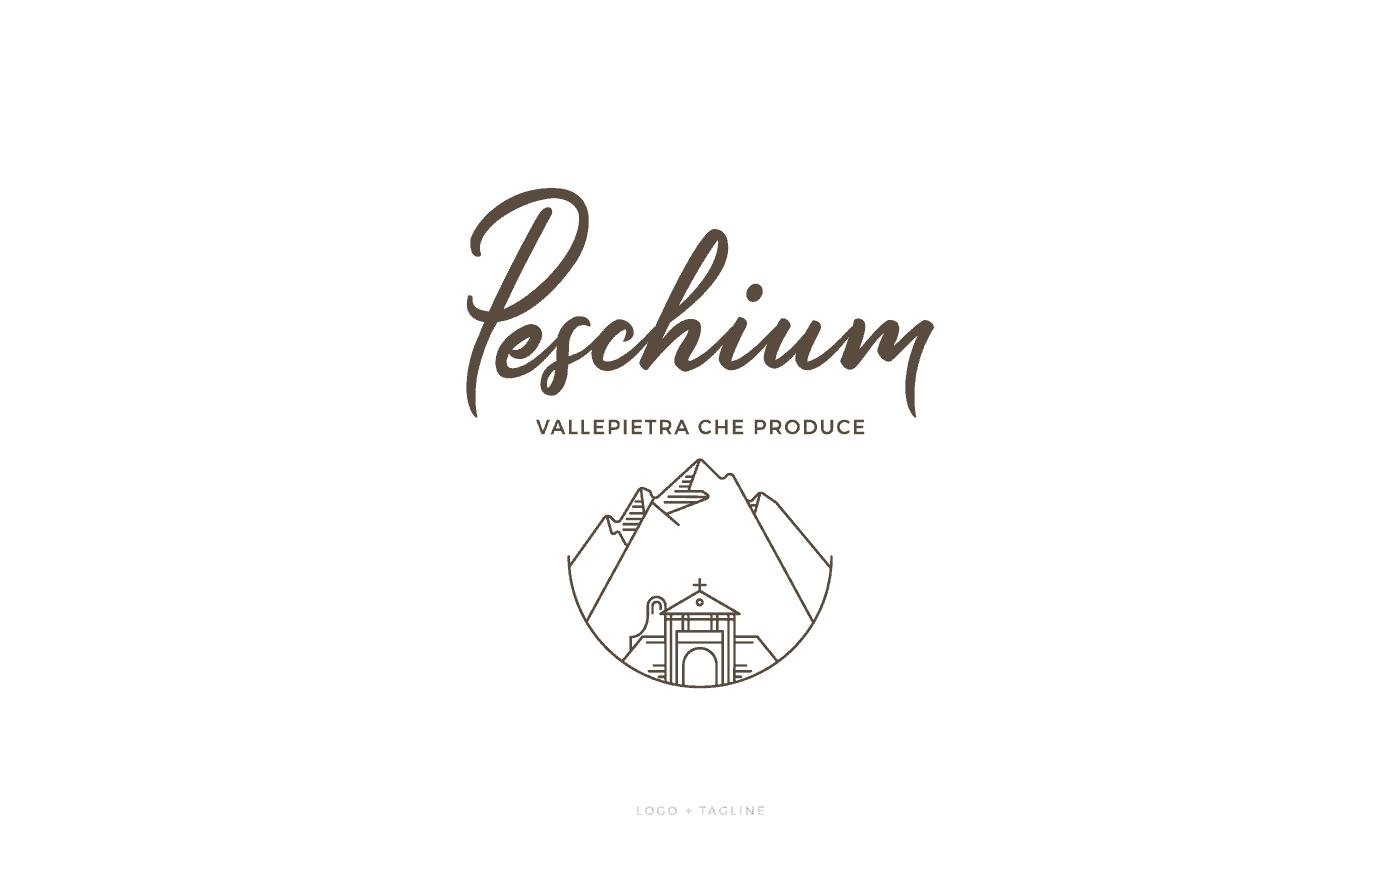 Peschium Logo Tagline